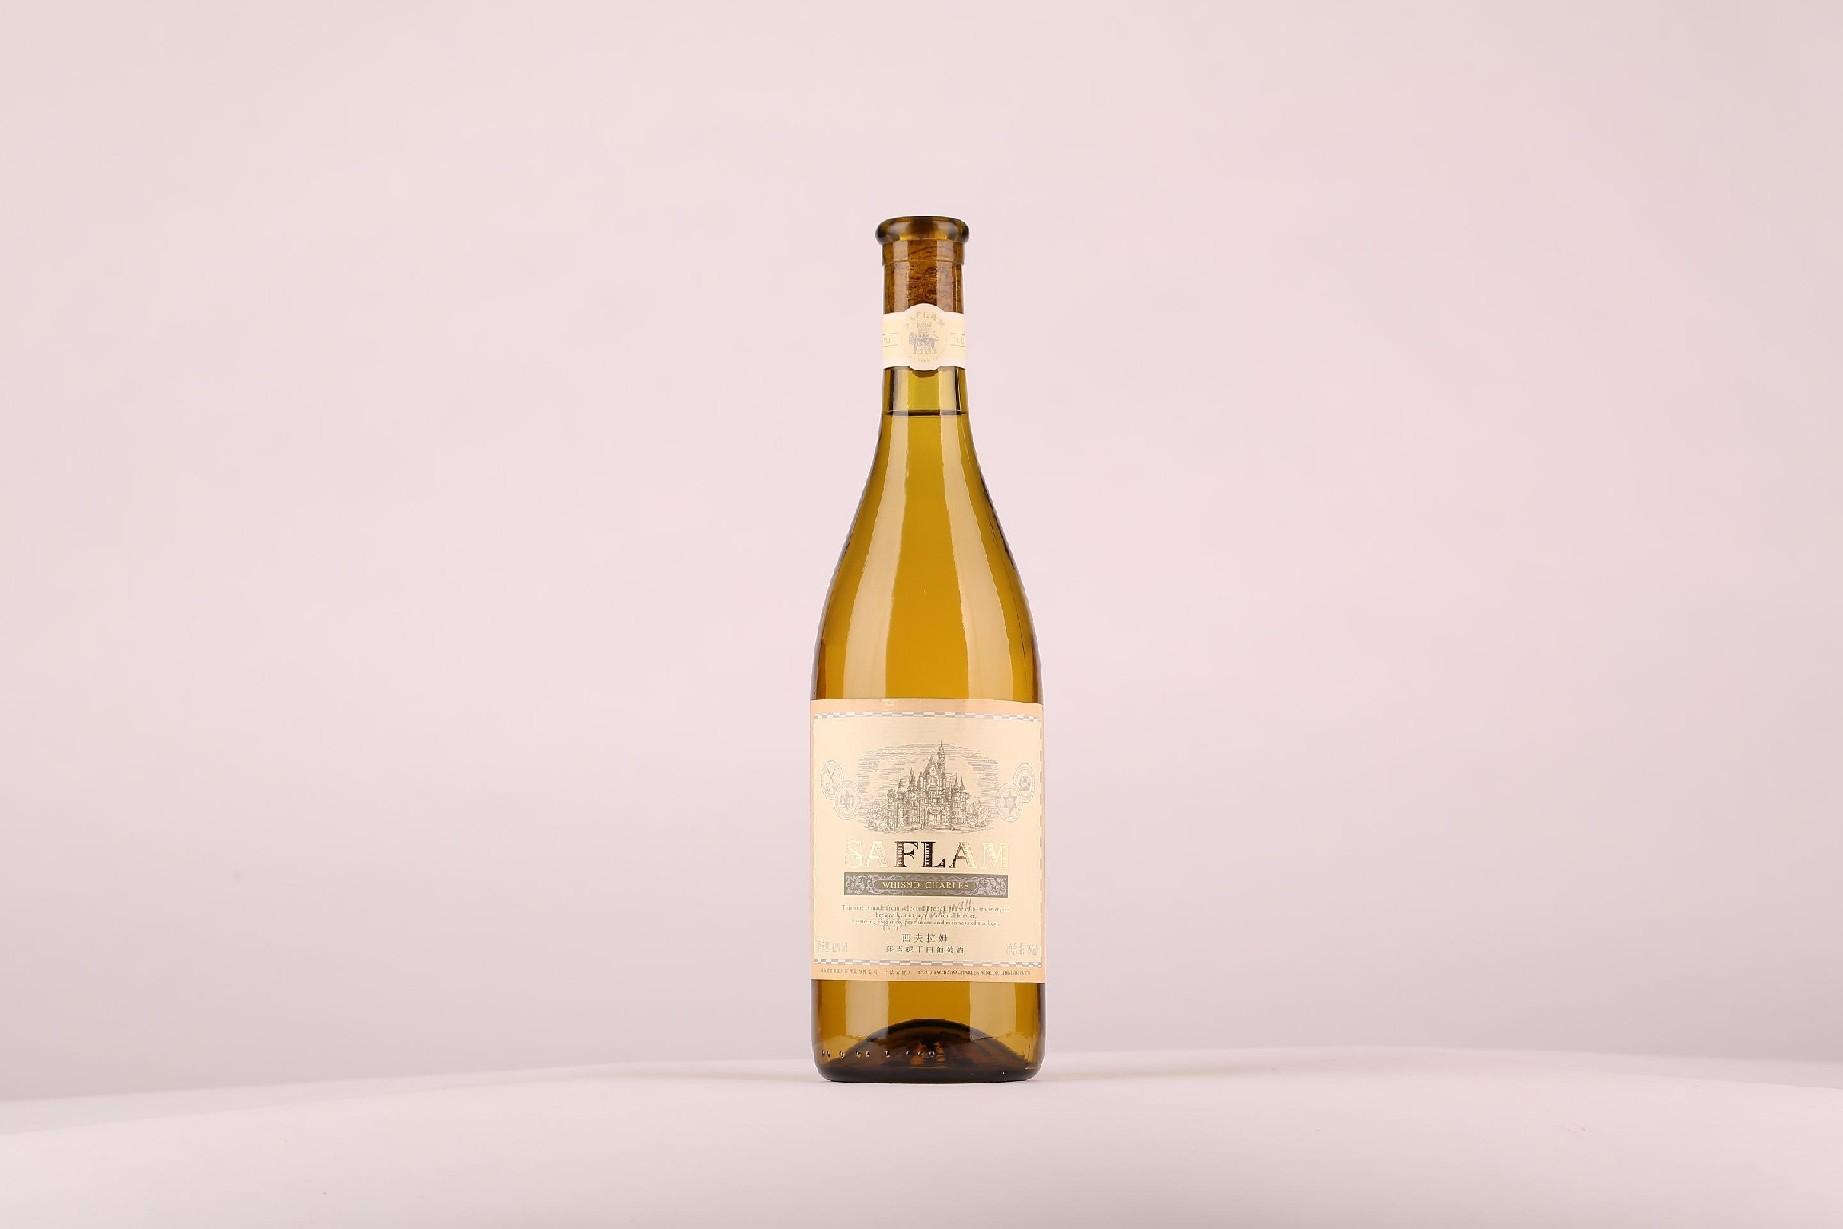 厦门德歌-知名的西夫拉姆莎当妮干白葡萄酒供货商、西夫拉姆莎当妮干白葡萄酒专卖店